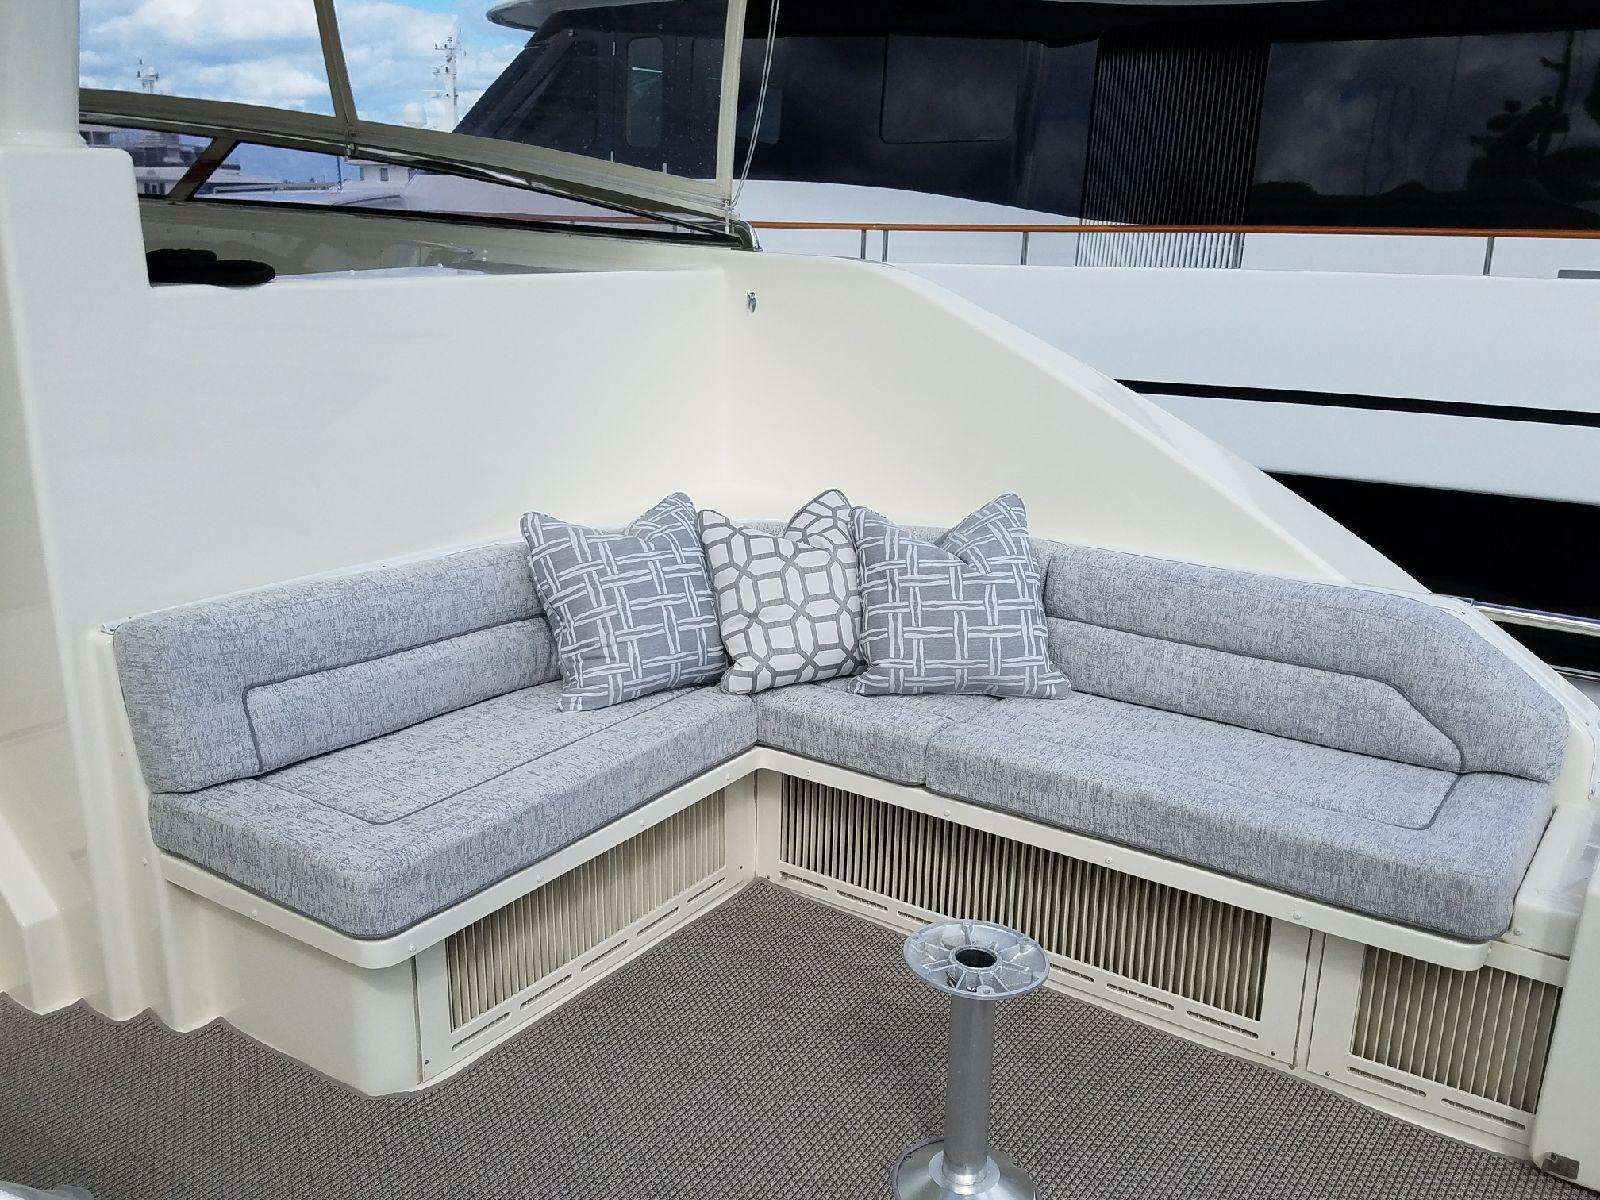 Custom Exterior Upholstery